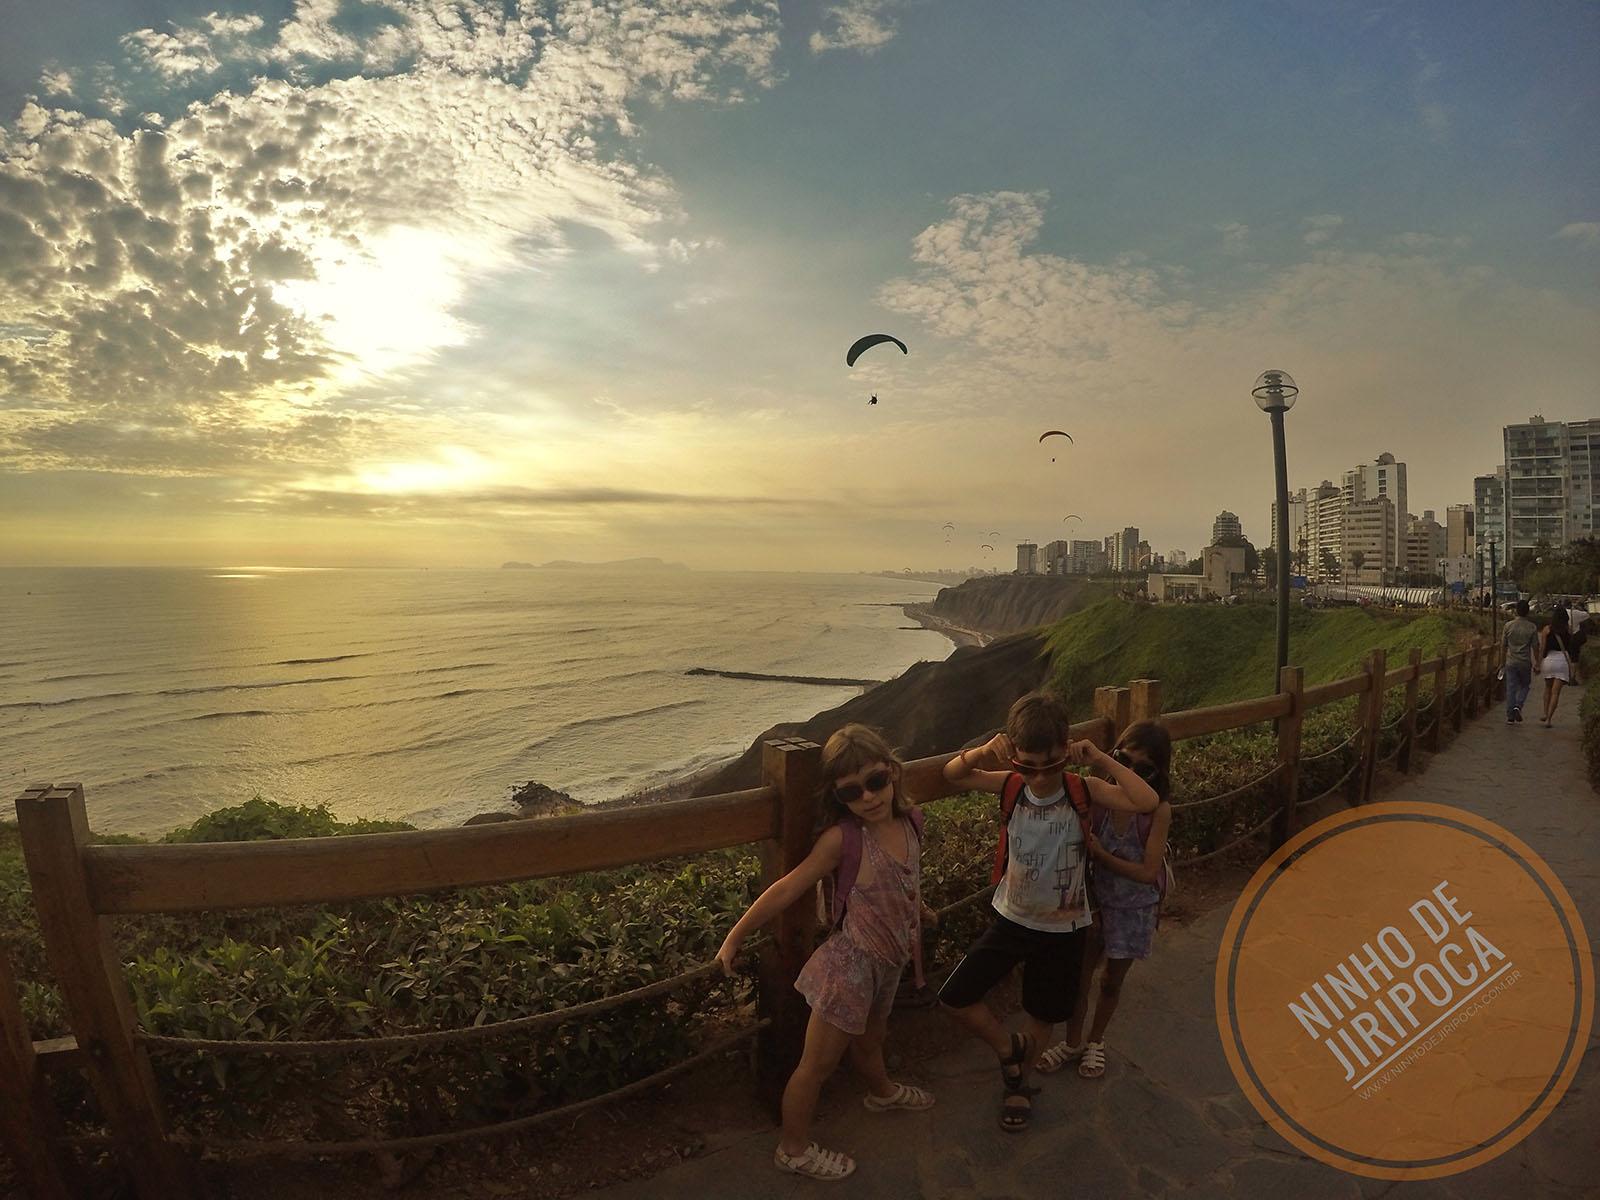 Malecon Miraflores em Lima: passeio com crianças